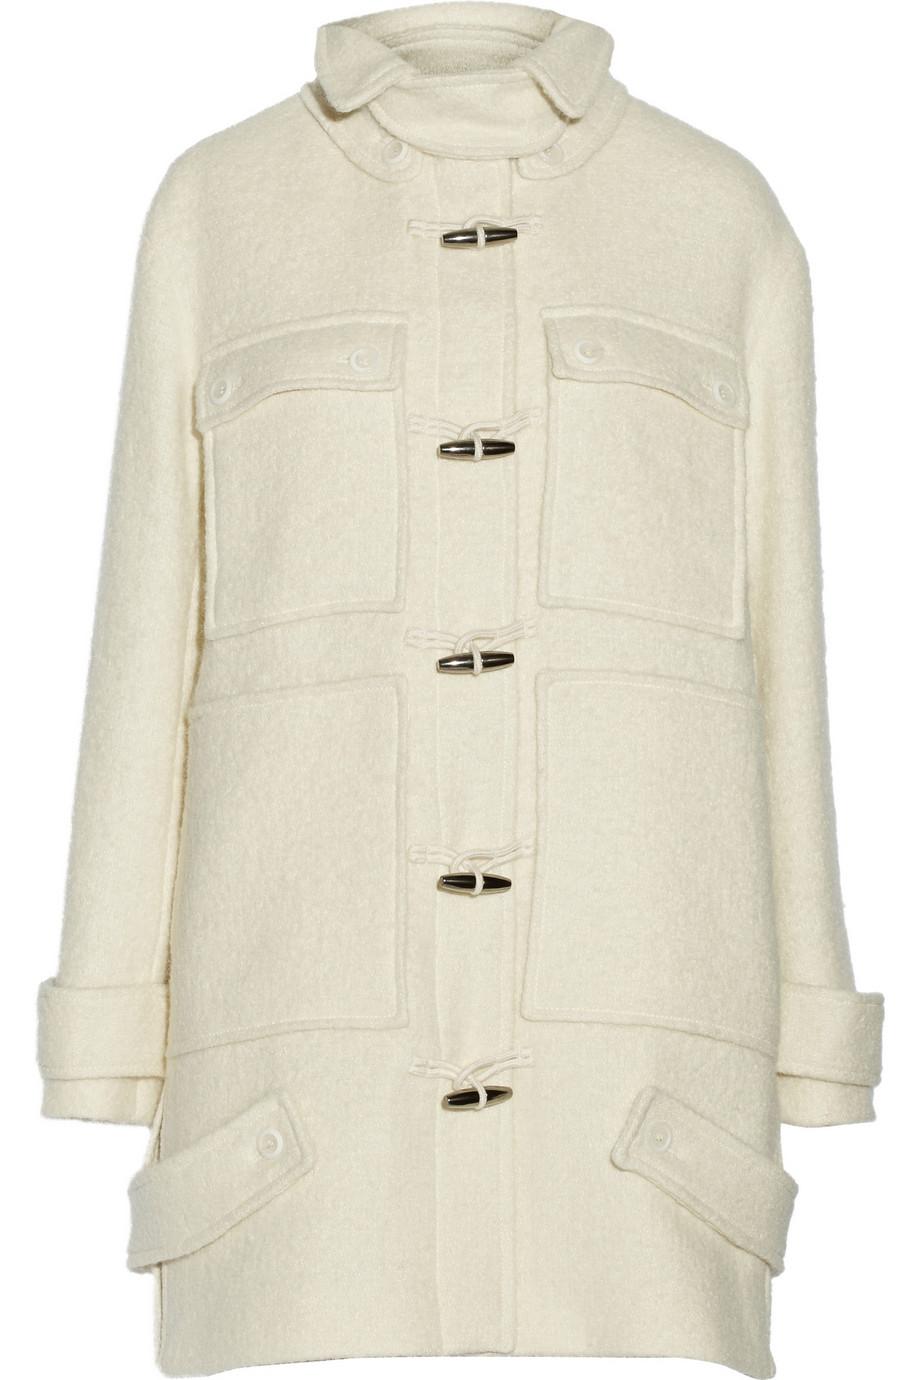 Vanessa bruno Bari Tweed Duffle Coat in White | Lyst